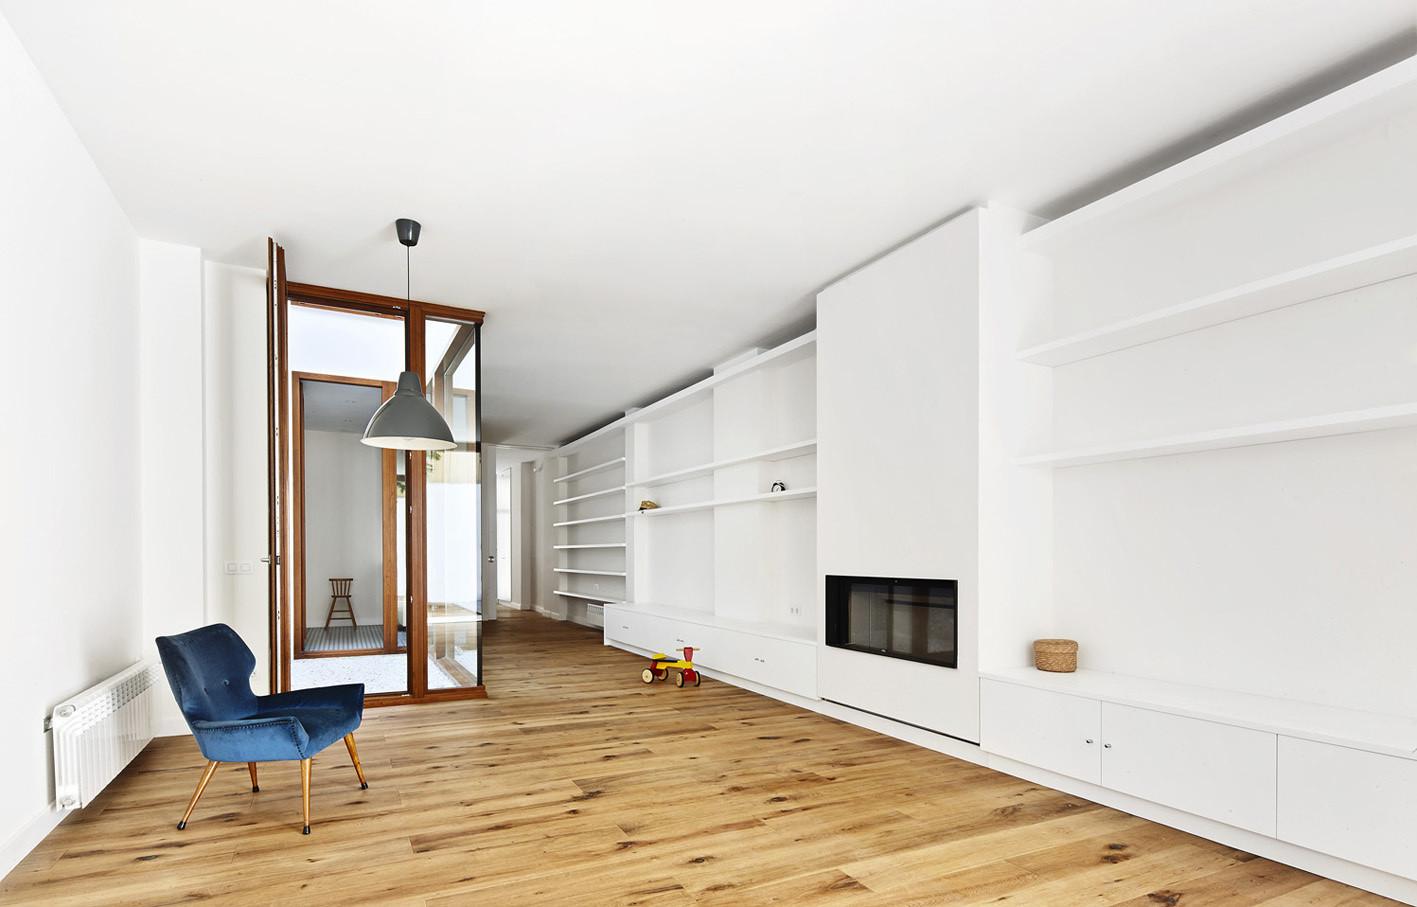 Casa Patio Vertical / Estudi NAO . Image © José Hevia